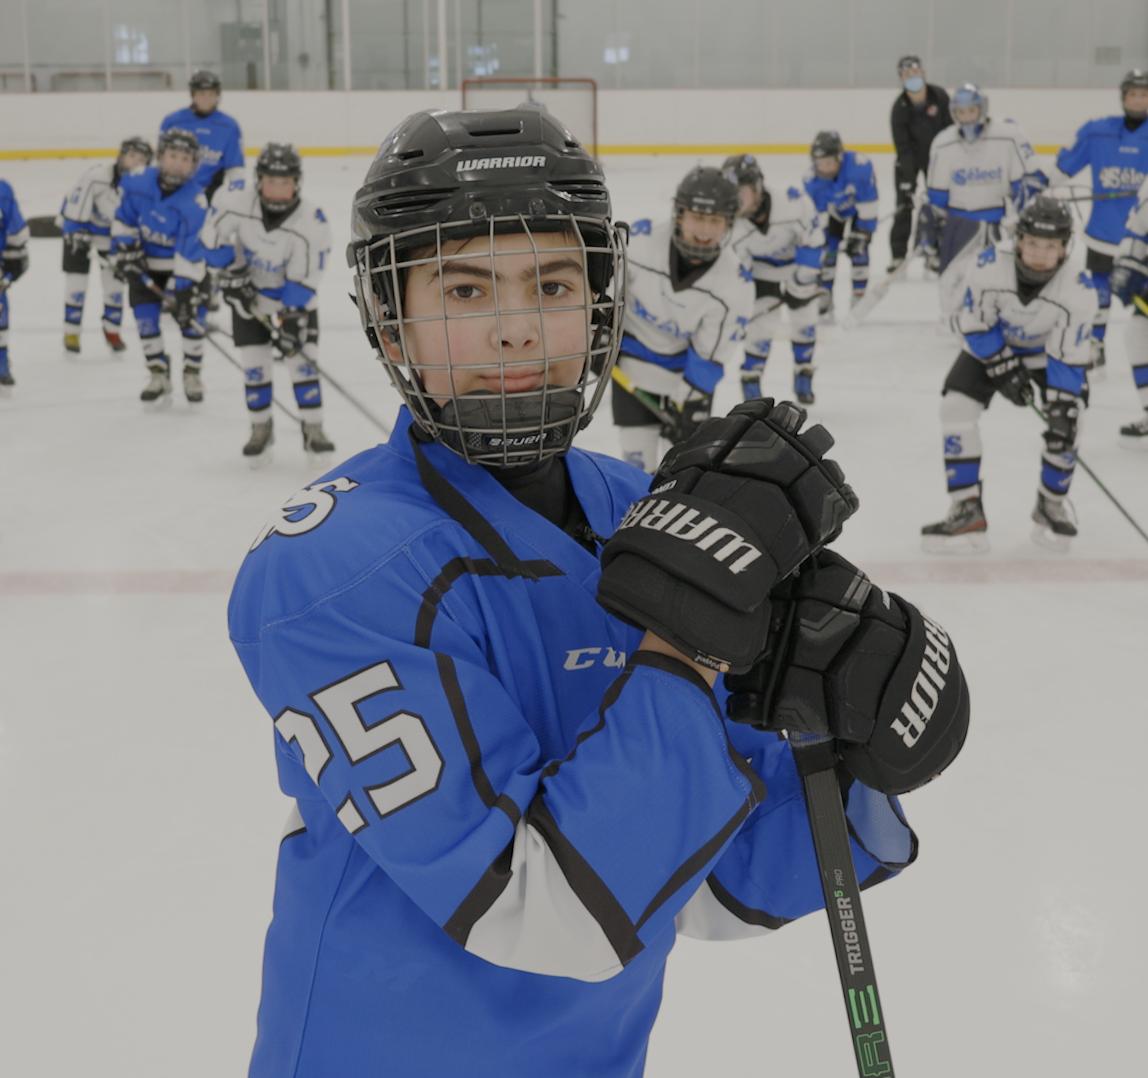 L'équipe de hockey Sélect M12 Élite de l'école Paul-Hubert participe au concours la Coupe des bonnes actions Chevrolet.